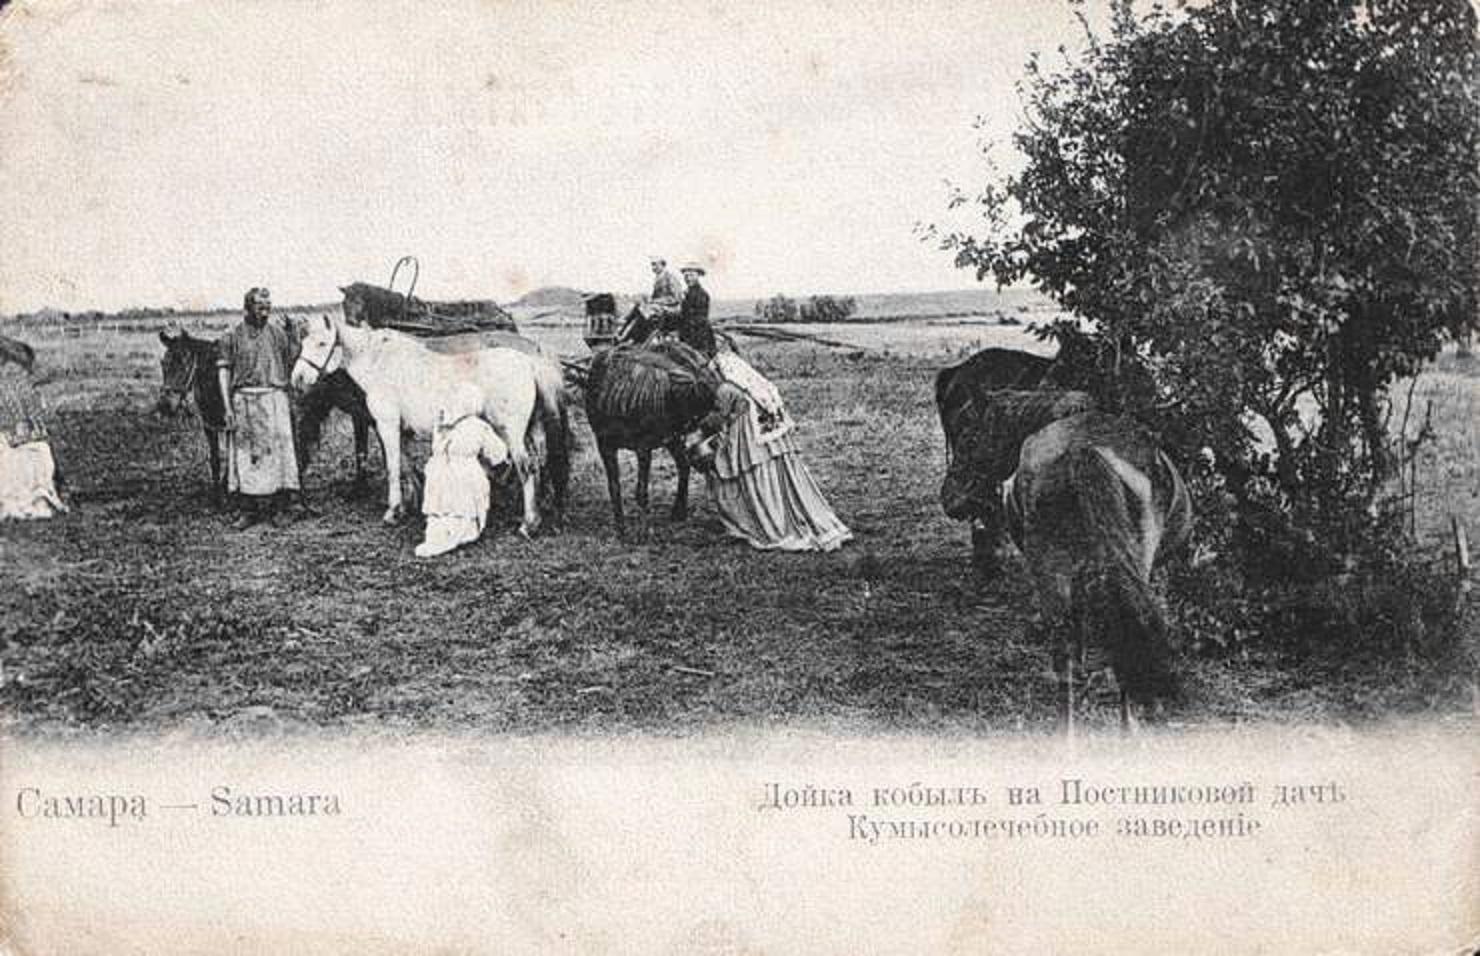 Окрестности Самары. Дойка кобыл на Постниковой даче.